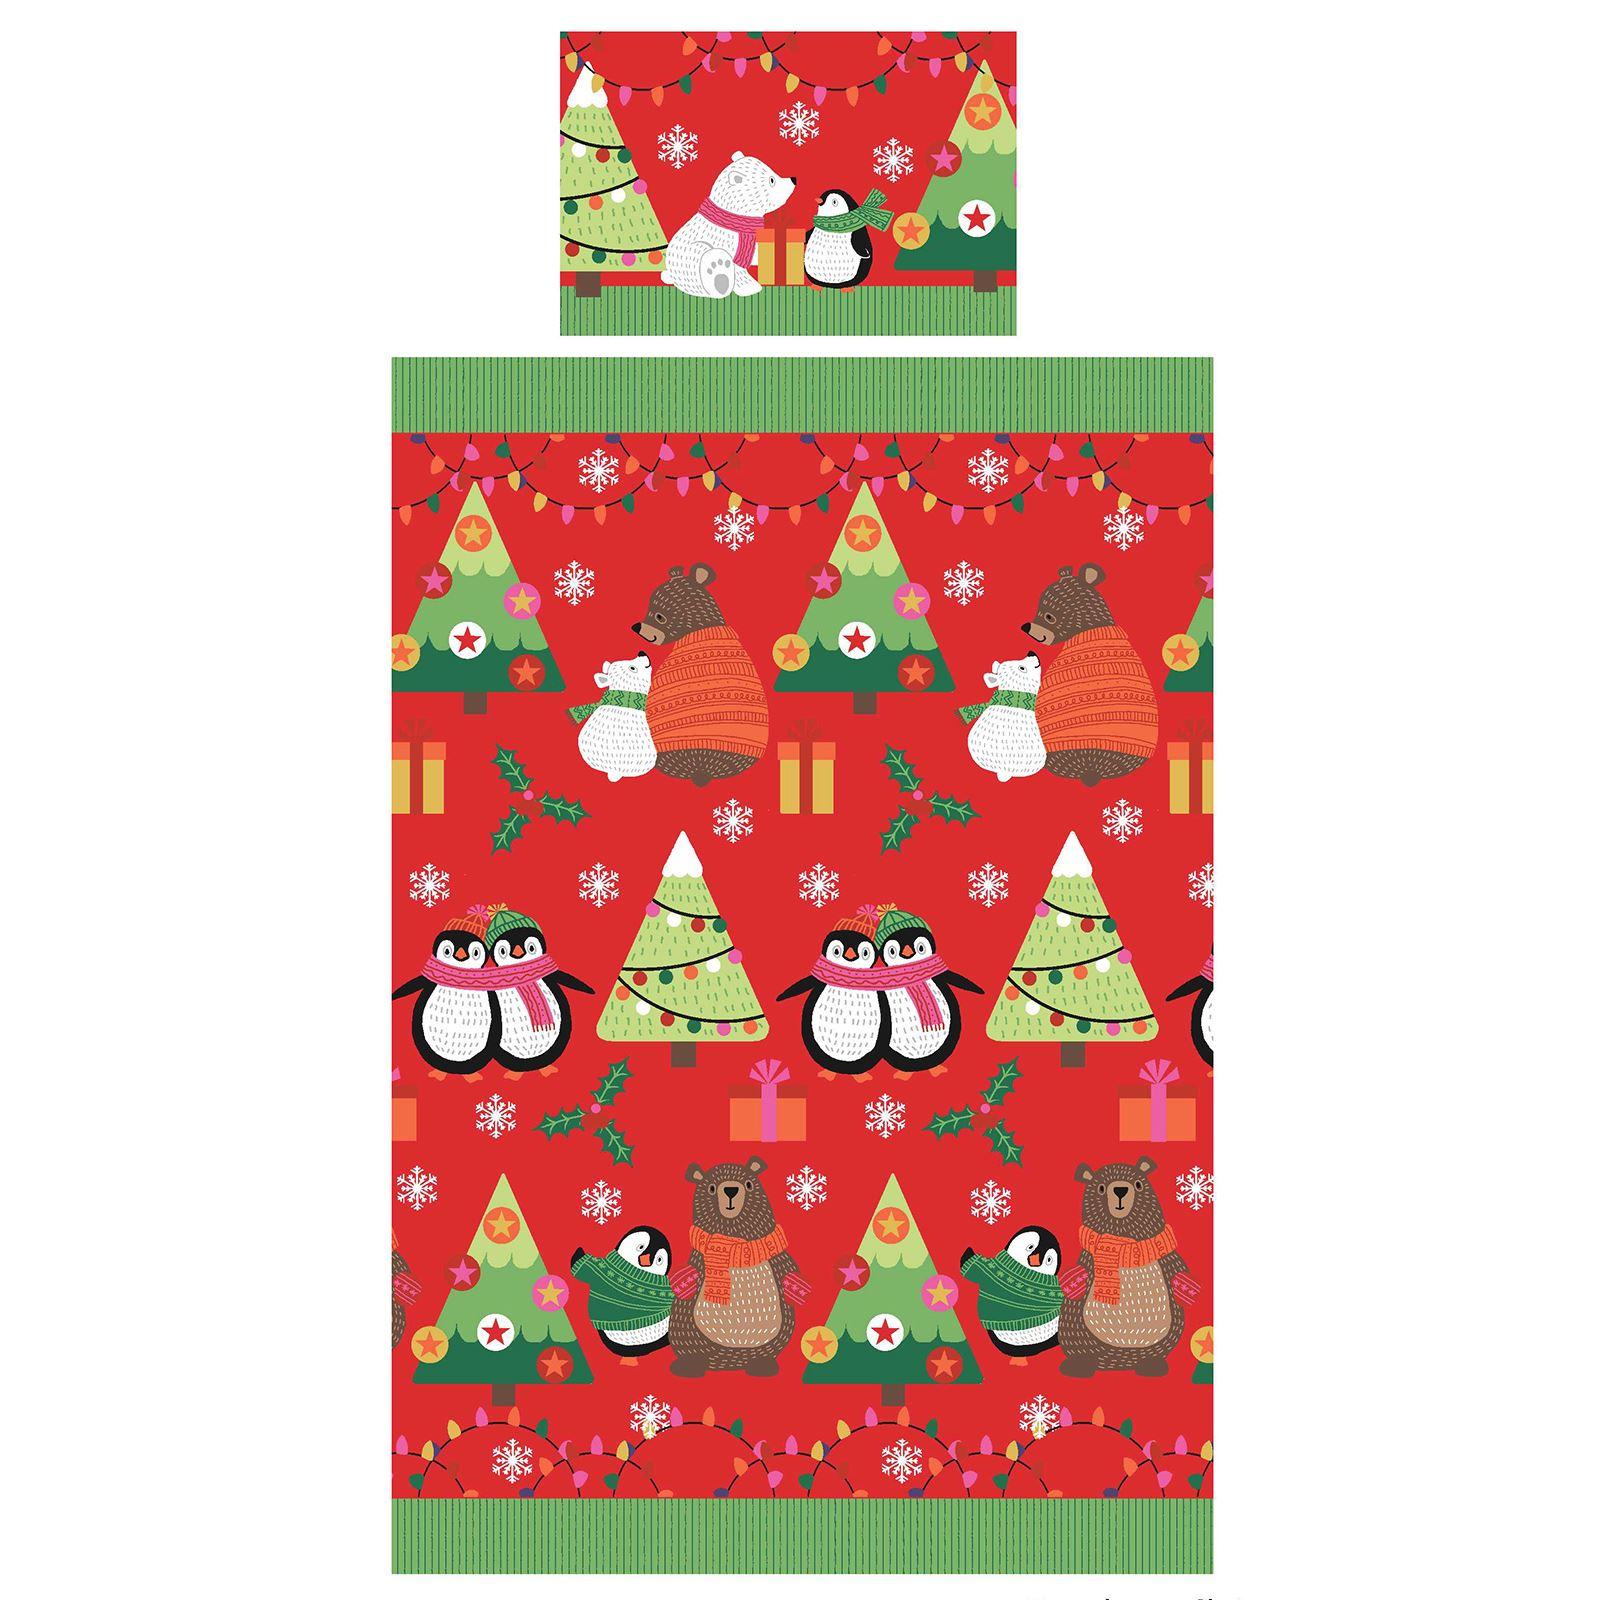 Indexbild 100 - Kinder Weihnachten Bettbezug Sets - Junior Einzel Doppel King - Elf Emoji Grinch